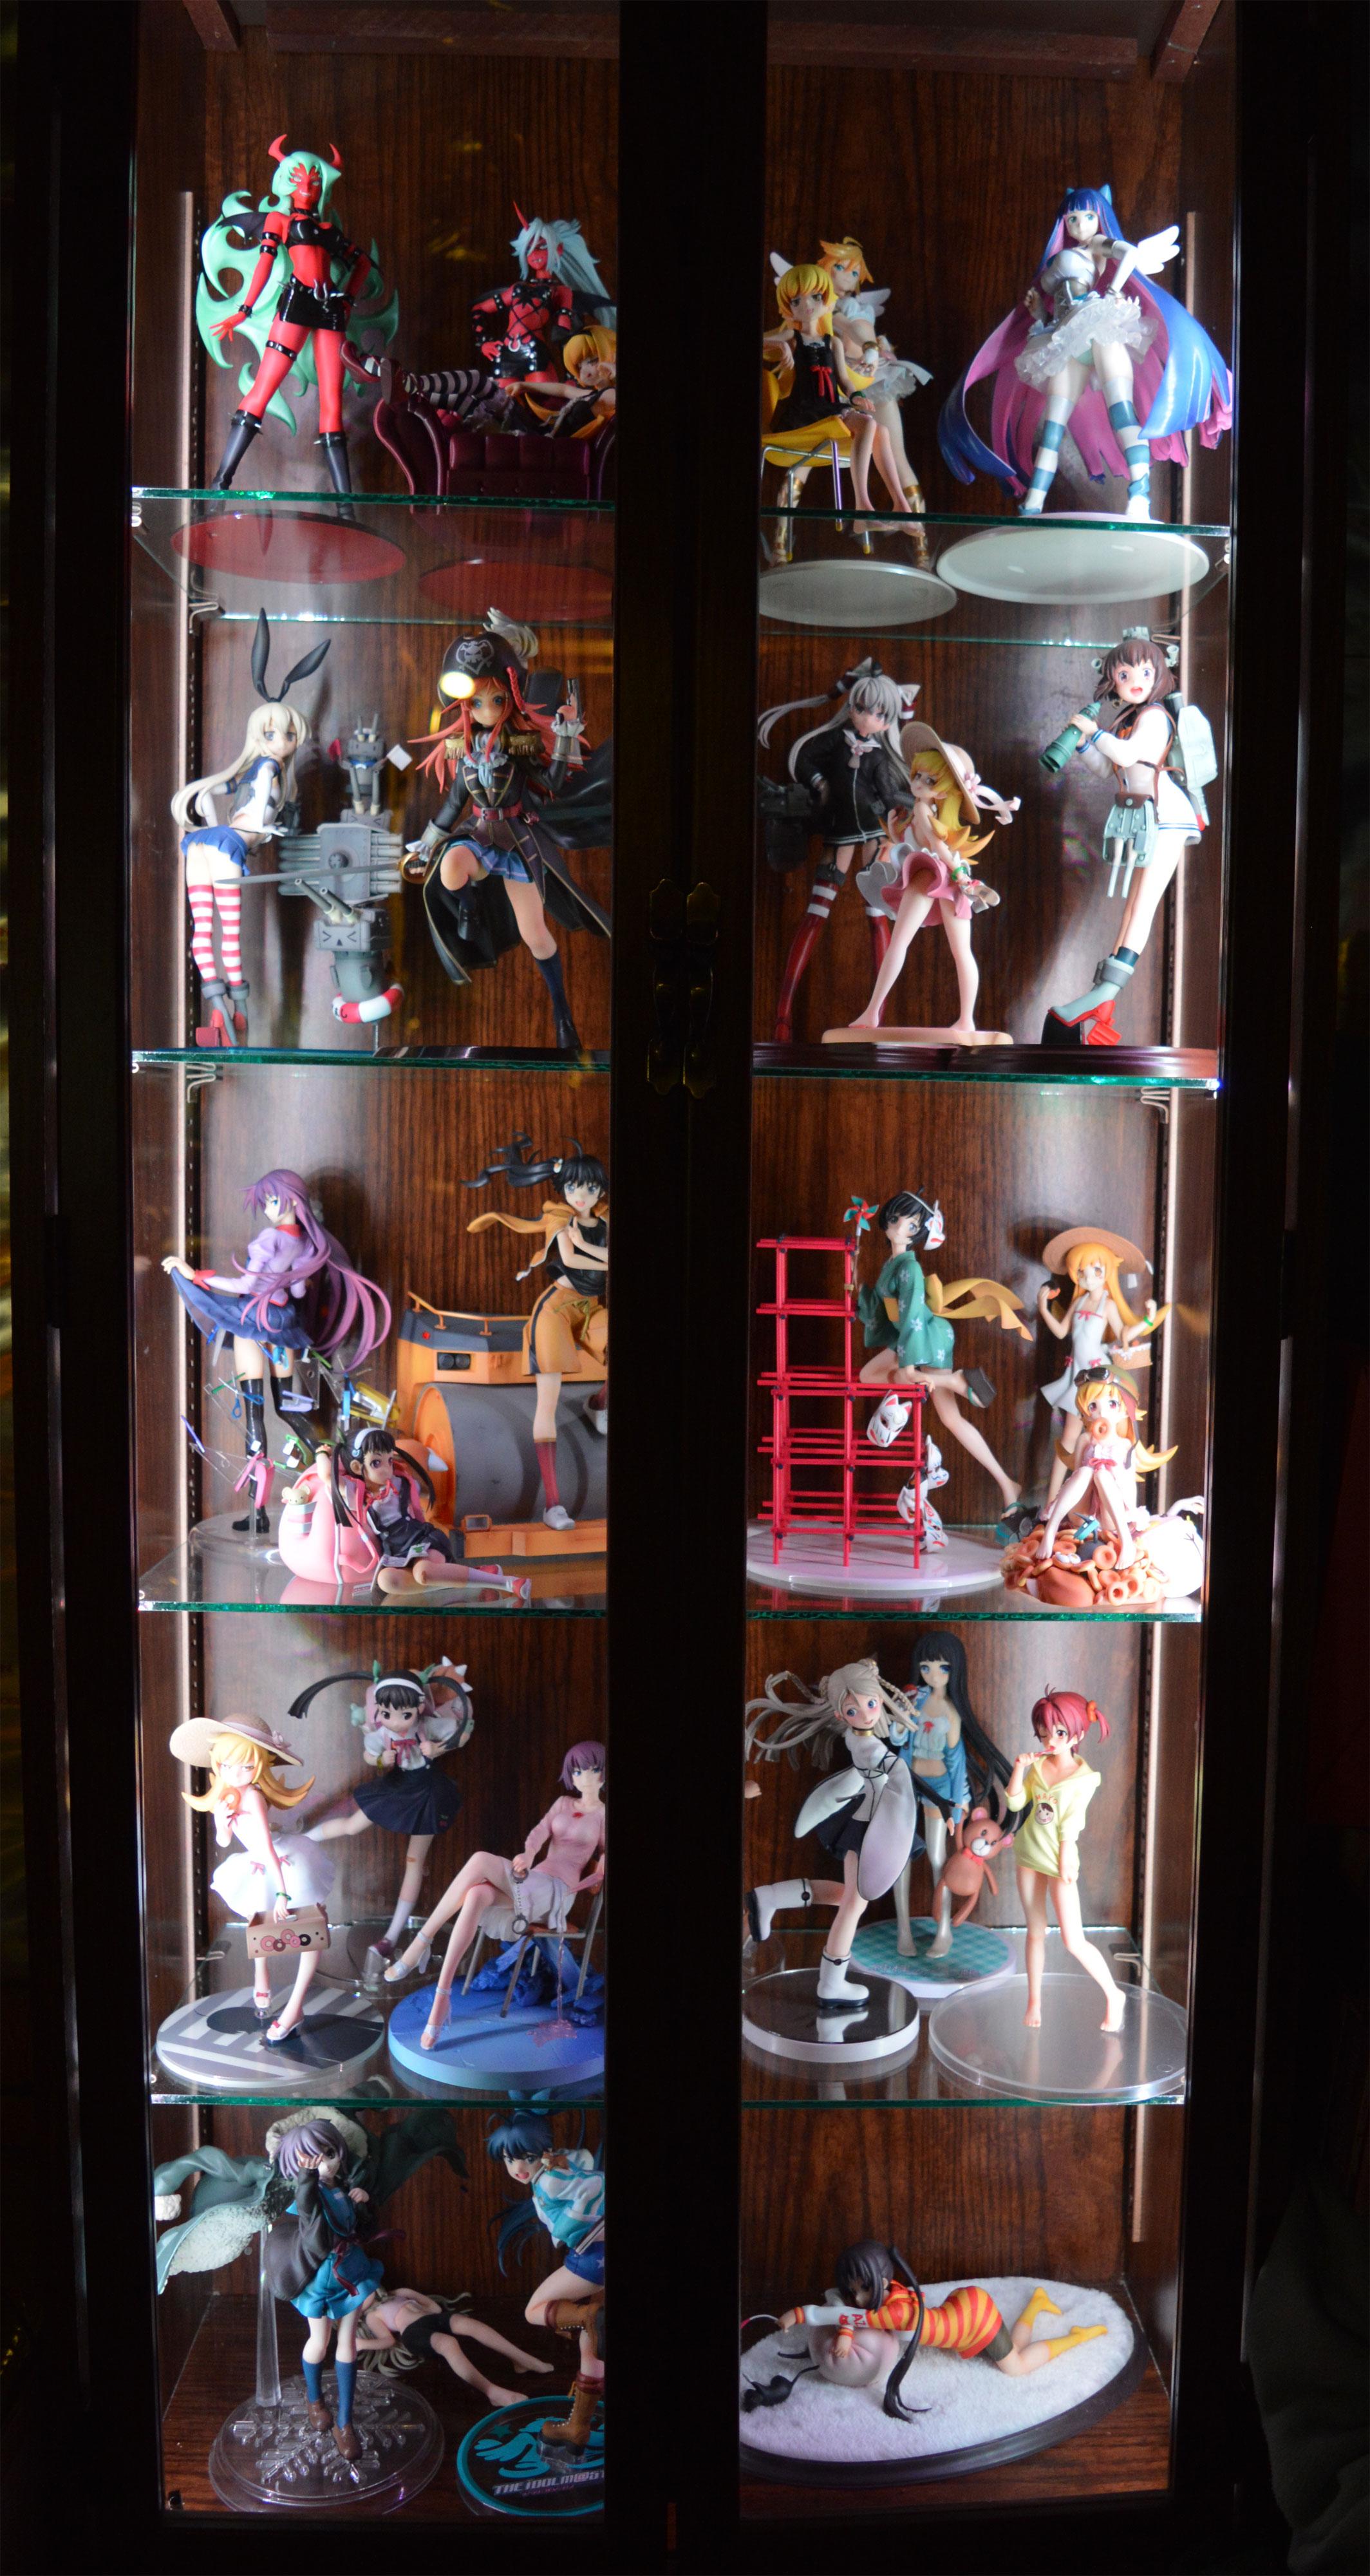 socks gainax knee_socks key kotobukiya alice alter max_factory k-on! good_smile_company banpresto hobby_japan ganaha_hibiki nagato_yuki kud_wafter bakemonogatari senjougahara_hitagi nakano_azusa noumi_kudryavka chara-ani sengoku_nadeko aoshima hachikuji_mayoi kaitendoh oshino_shinobu taito fukumoto_noritaka murata_range ichiban_kuji phat_company watanabe_akio suzumiya_haruhi_no_shoushitsu yukikaze panty_&_stocking_with_garterbelt visual_art's matsumoto_kouei katou_gaku takaku_&_takeshi yagyuu_toshiyuki hiroshi_(sakurazensen) alvis_e._hamilton tokunaga_hironori takahashi_tsuyoshi toy's_works nakayaman yokota_ken kawahara_takayuki makio_munetoshi m.i.c. aniplex araragi_tsukihi araragi_karen kodansha tanaka_masanori nishio_ishin kyoto_animation scanty mazaki_yuusuke shaft 2% itandi vortex last_exile:_gin`yoku_no_fam kohata_takahiro kamisama_no_memo-chou premium_prize panty_anarchy stocking_anarchy mouretsu_pirates katou_marika nisemonogatari the_idolmaster_(tv_animation) amakuni vividred_operation isshiki_akane monogatari_series:_second_season shimakaze kantai_collection_~kan_colle~ alphamax otoyama_houjun dmm.com kadokawa_games rensouhou-chan eir ichiban_kuji_premium_monogatari_series_koyomi_no_shifuku_no_toki amatsukaze bandai_namco_games_inc. rensouhou-kun mowano nagumo_chizuru funnyknights ichiban_kuji_monogatari_series_〜kuji、panaino!〜 souen_no_ningyoushi